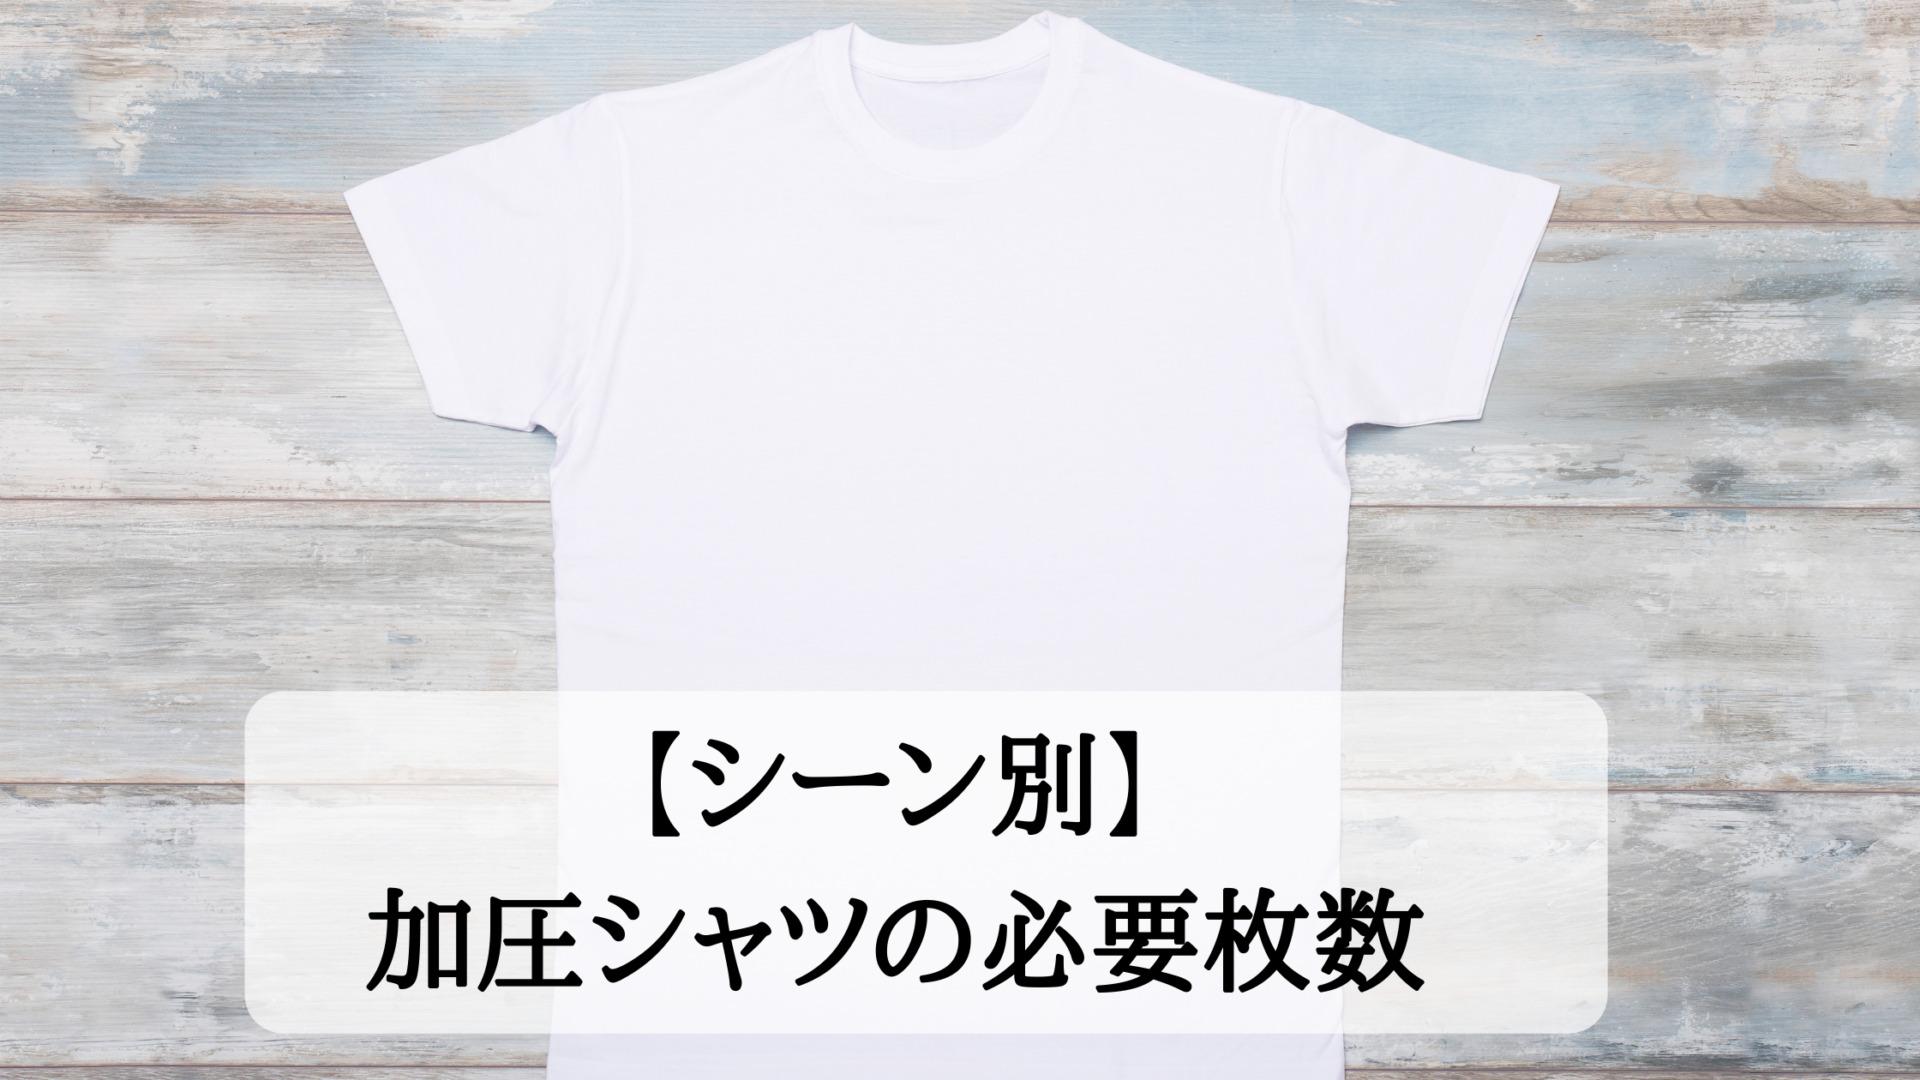 シーン別加圧シャツ目安